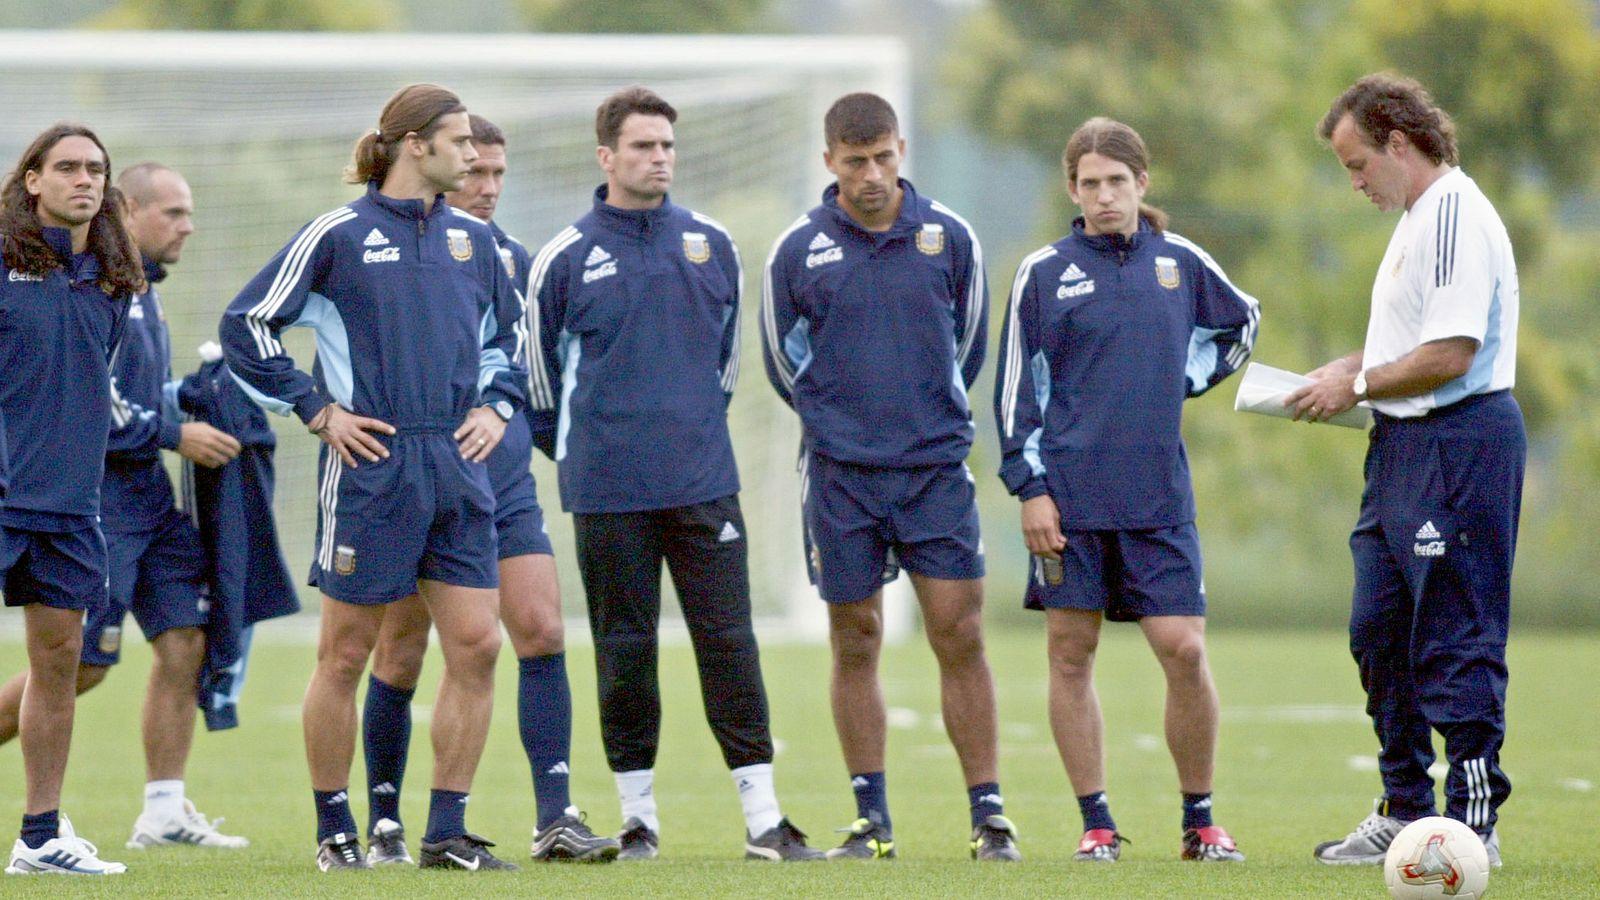 波切蒂诺专大发体育访:贝尔萨还在阿根廷时,他就领先了世界20年